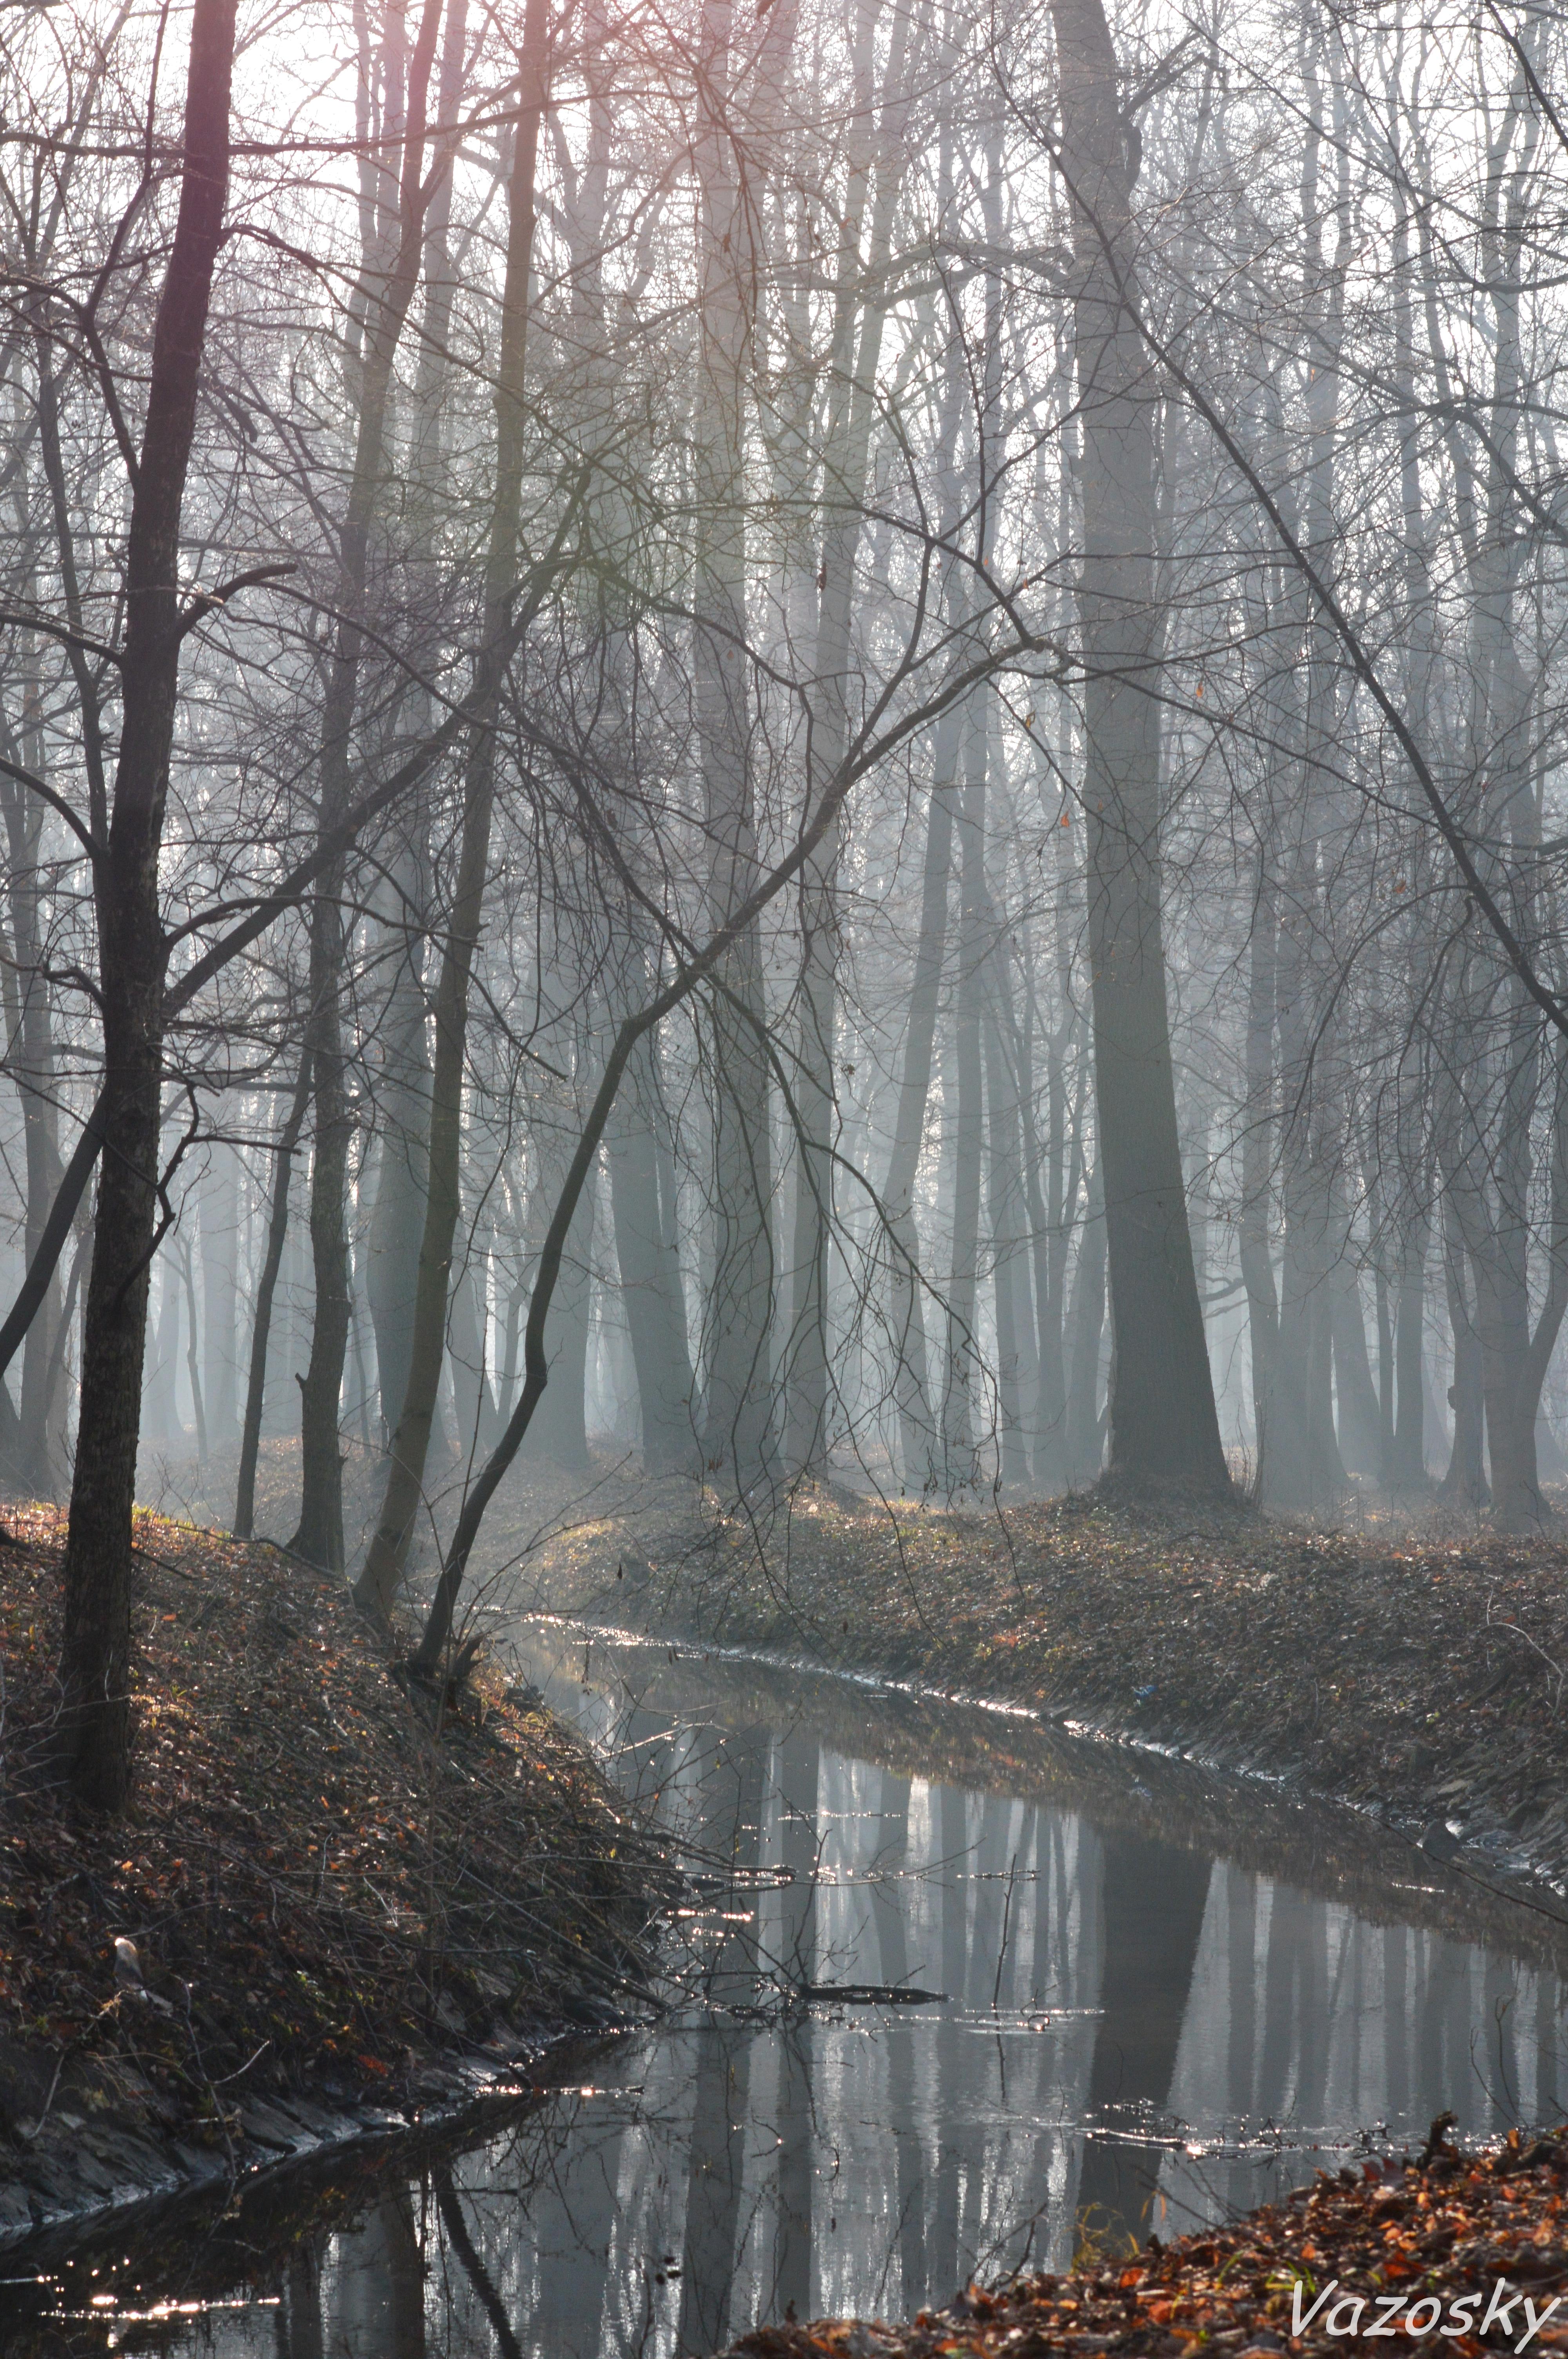 Landscapes by vazosky